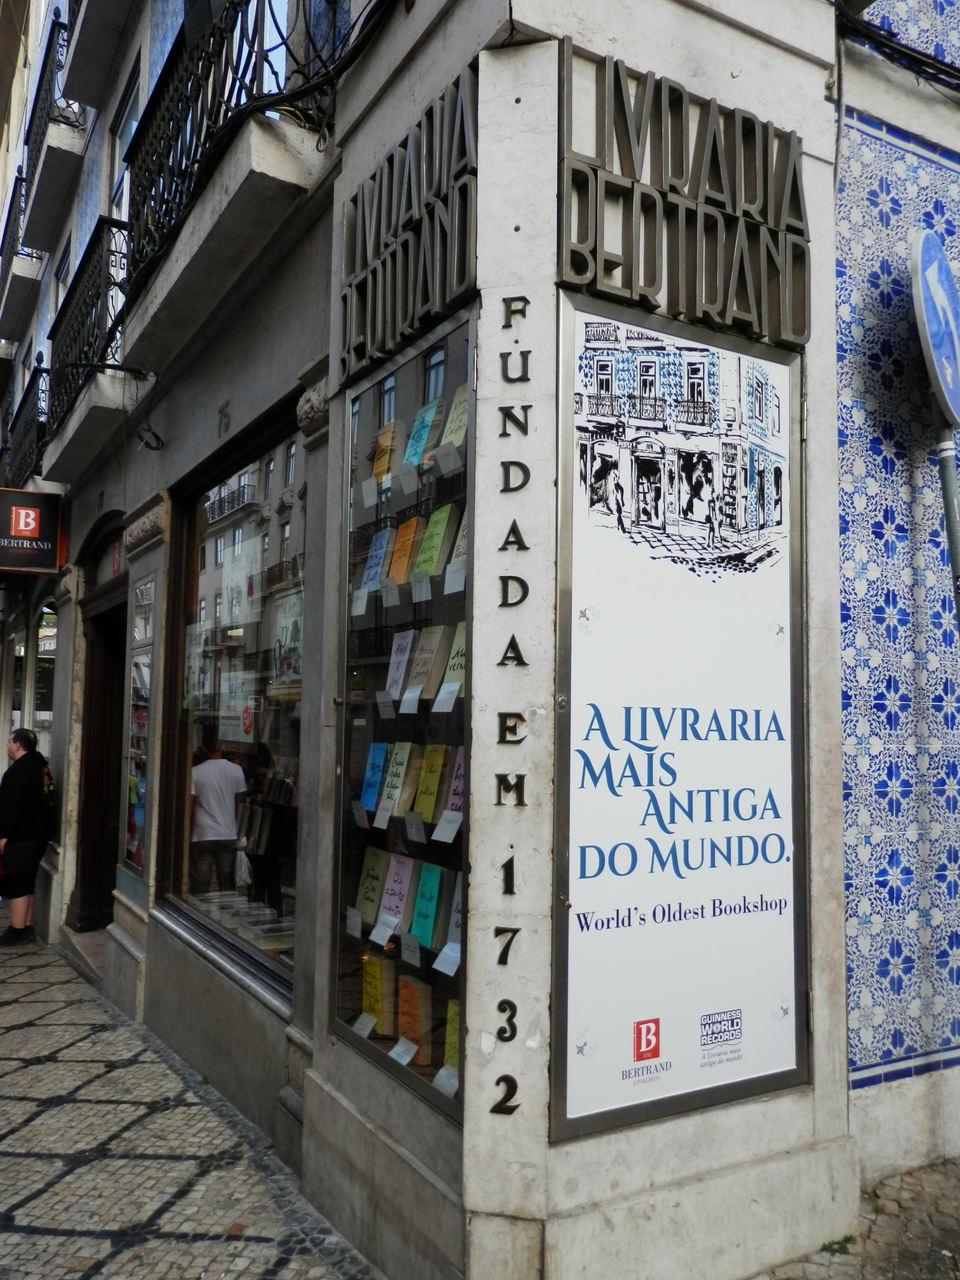 Livraria Bertrand Lisboa